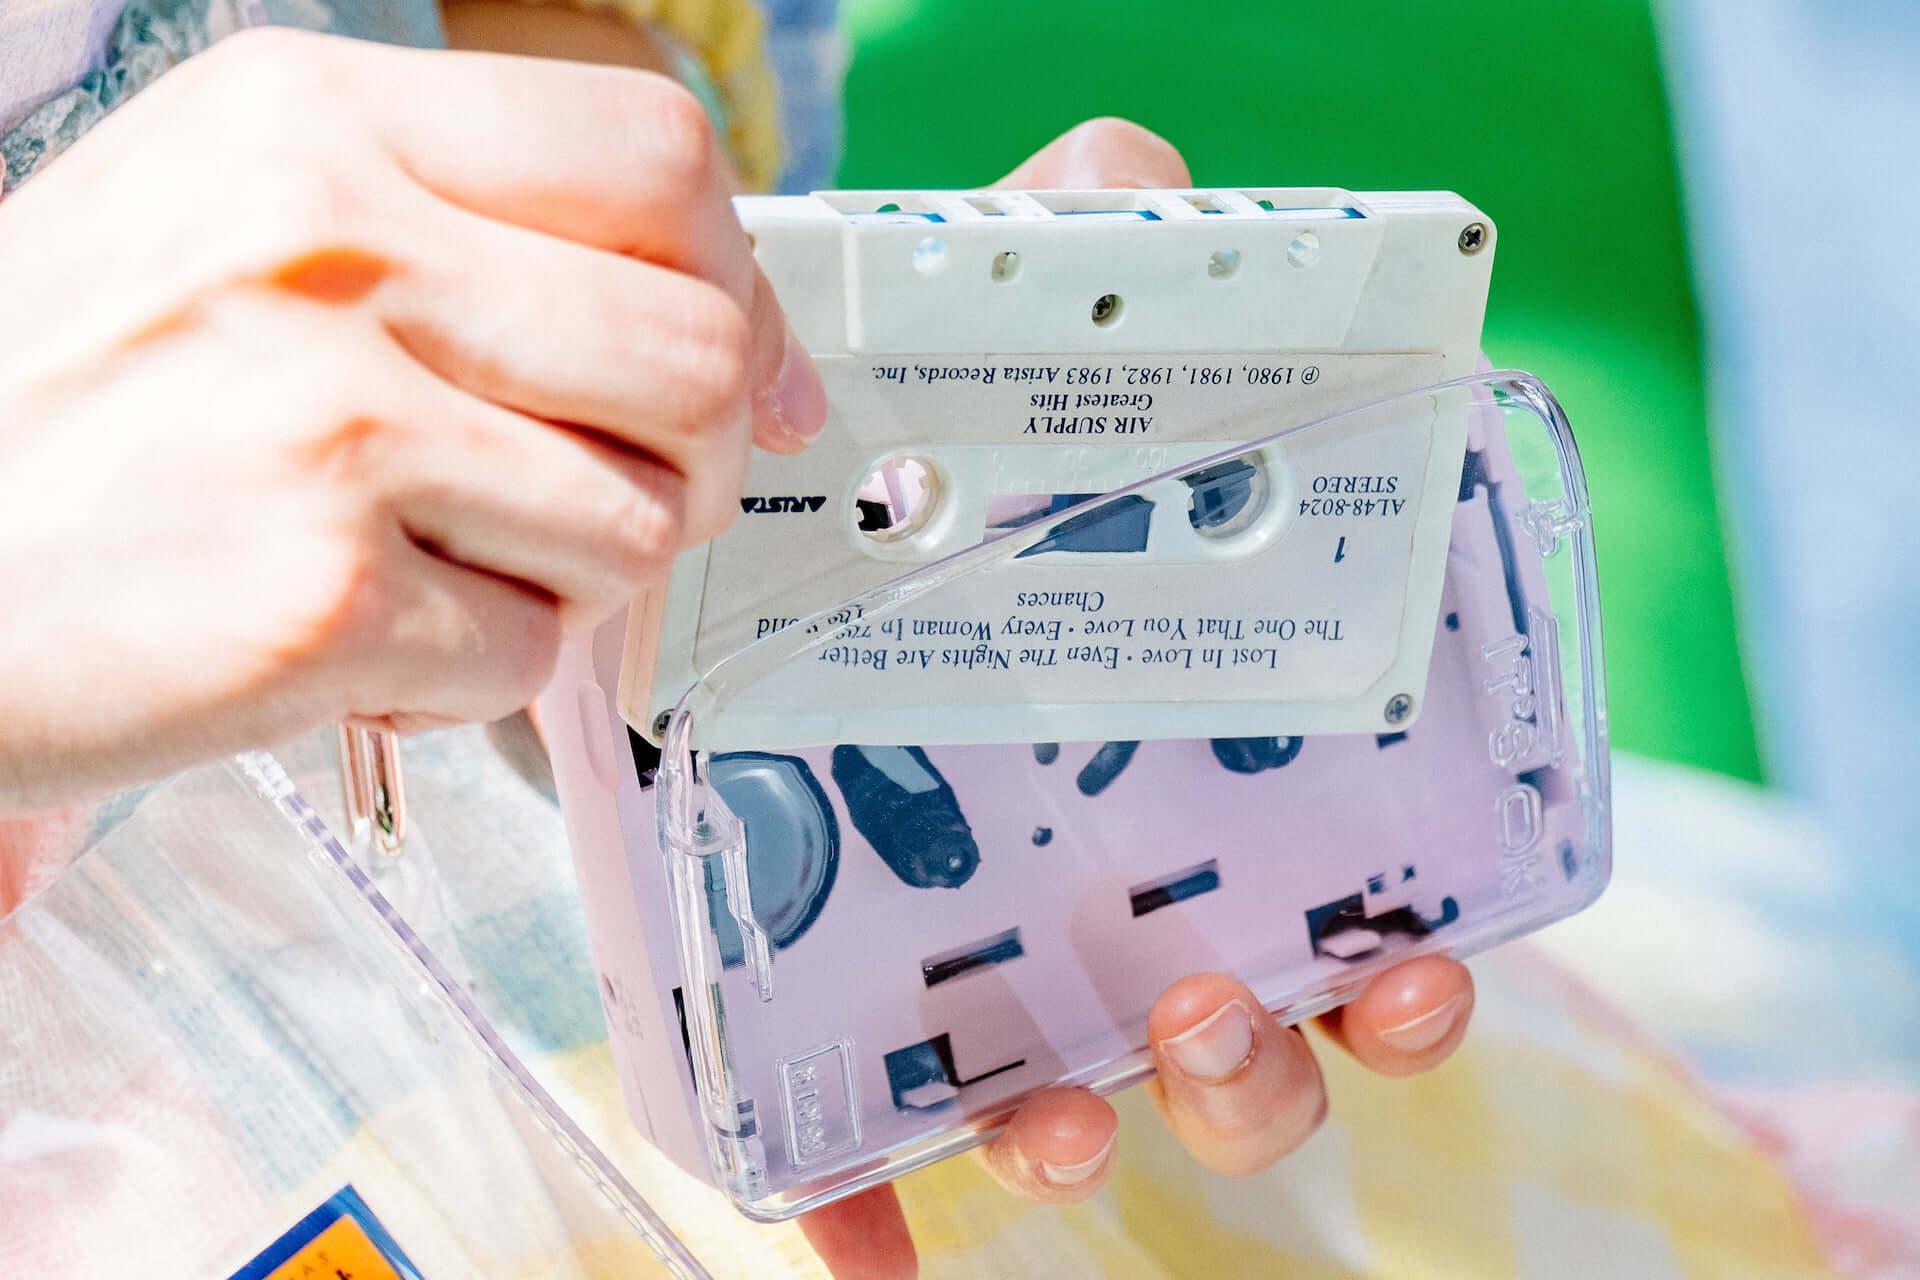 世界初!Bluetooth 5.0対応カセットプレイヤー「IT'S OK」が登場|最新の音楽をレトロな音質で堪能 technology190705itsok-bluetooth_13-1920x1280